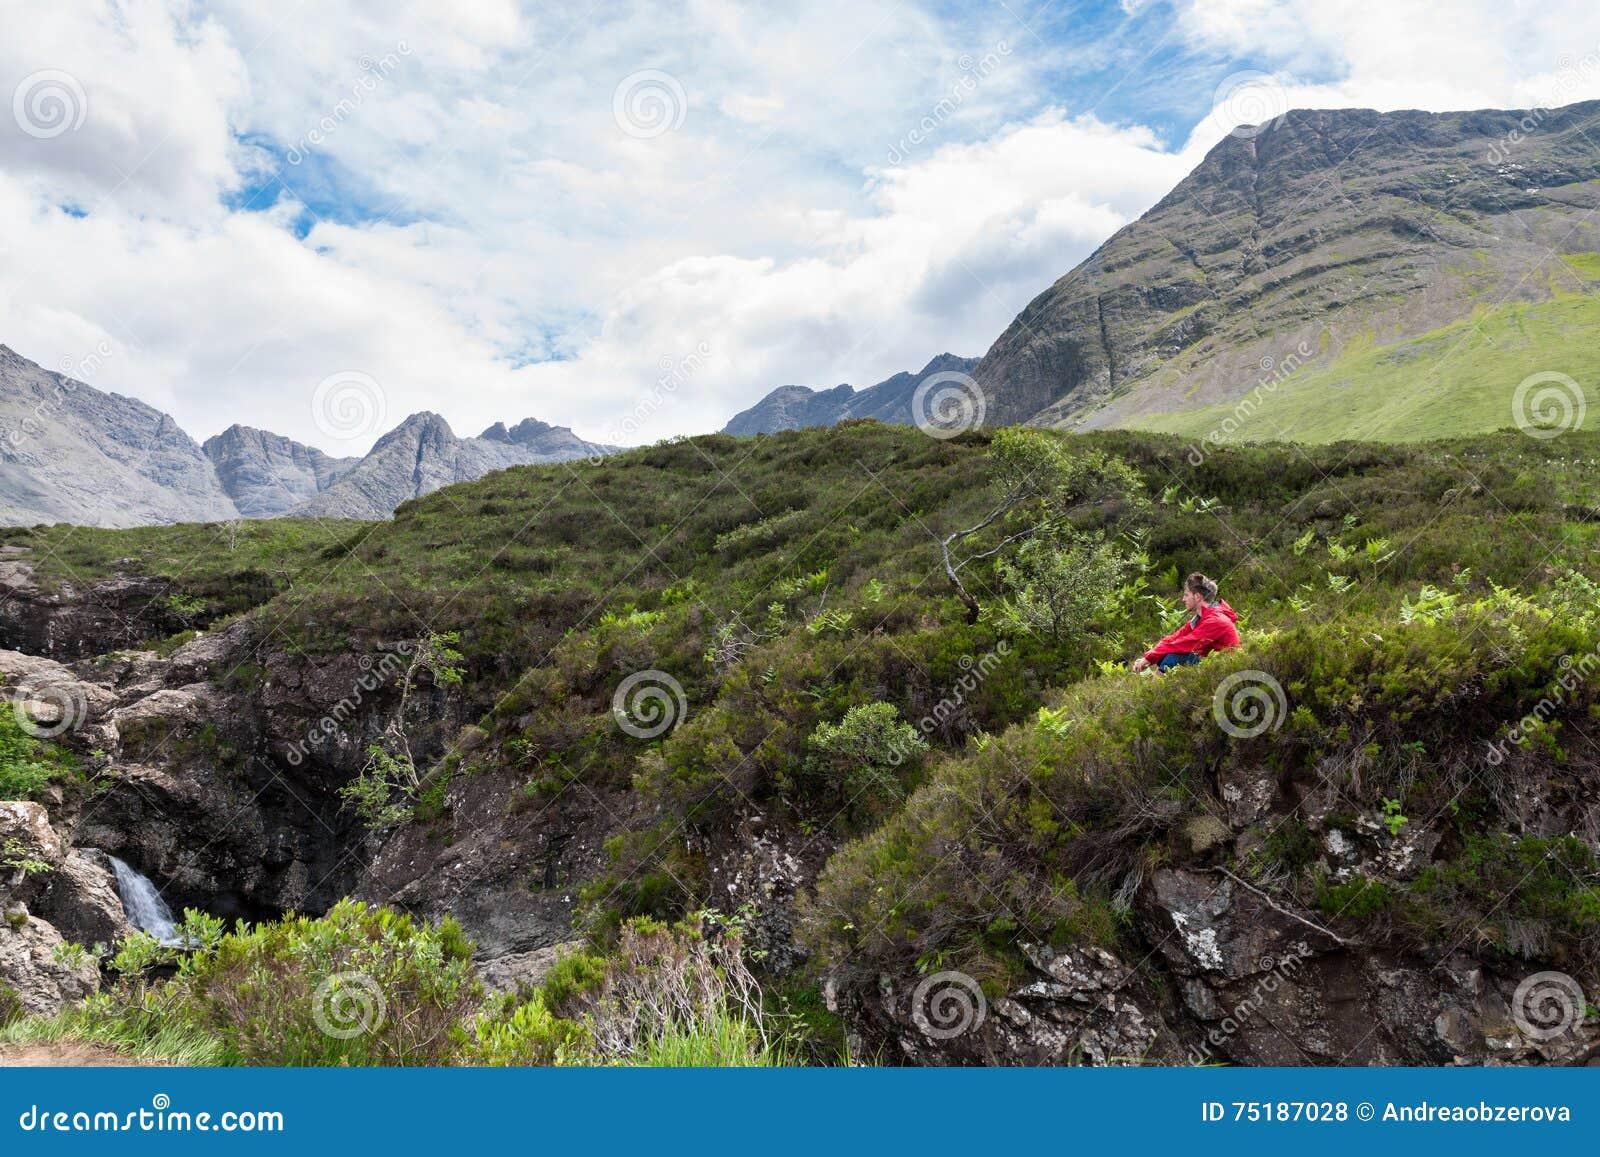 Niezatamowany, mężczyzna podziwia piękno natura